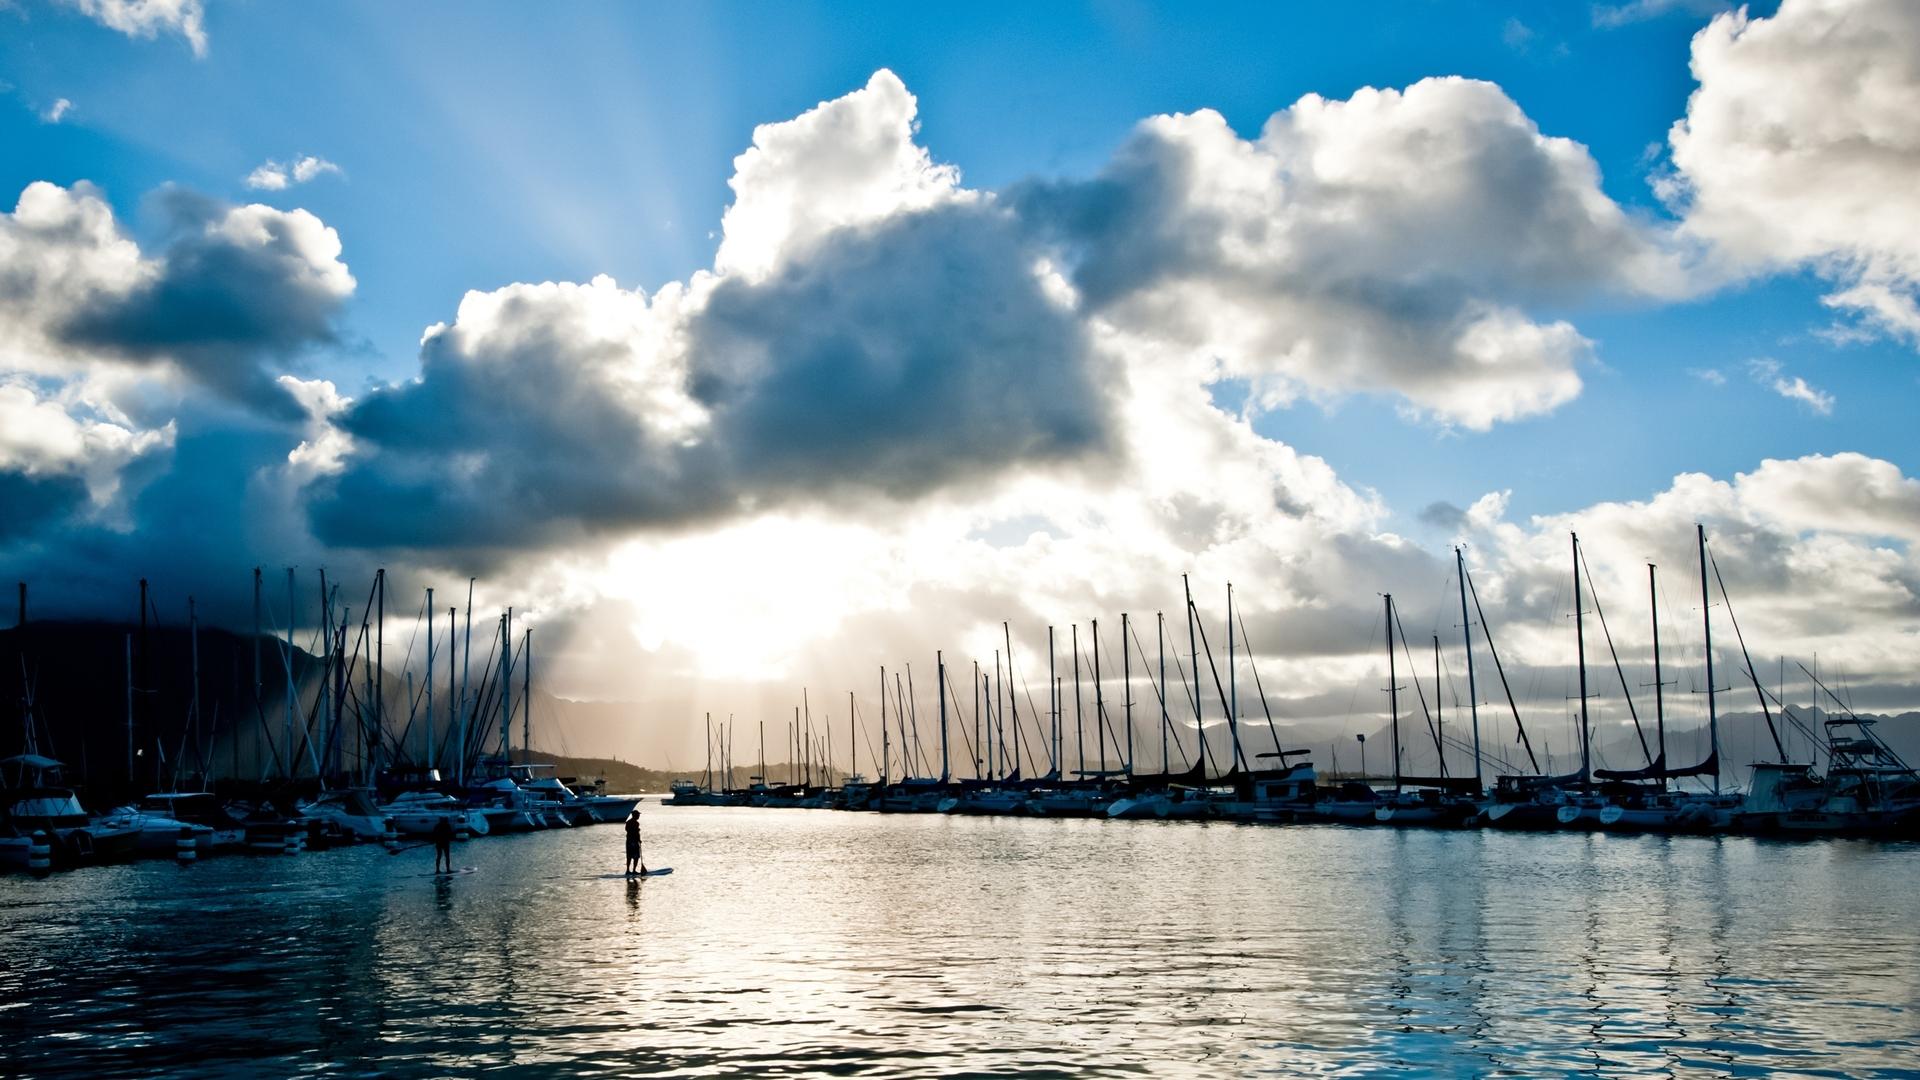 24936 скачать обои Пейзаж, Река, Облака, Яхты - заставки и картинки бесплатно